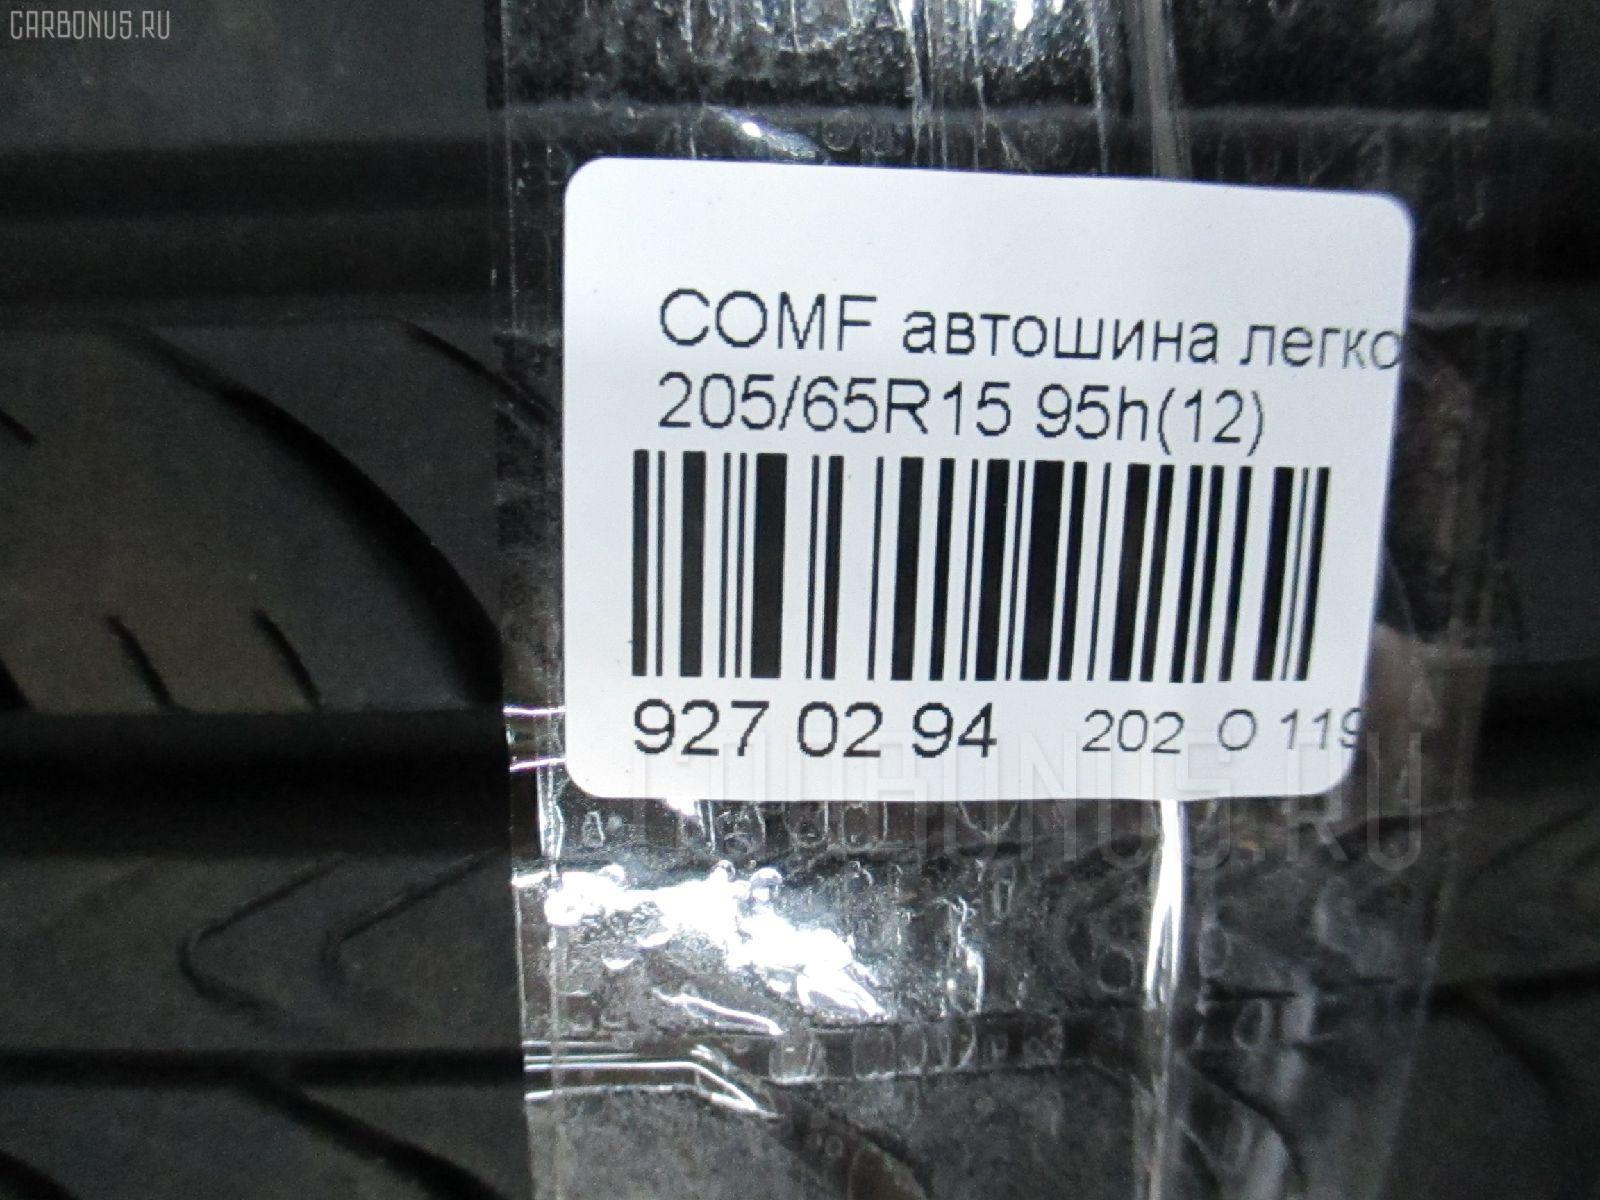 Автошина легковая летняя COMFORT ECO 205/65R15 NANKANG Фото 3